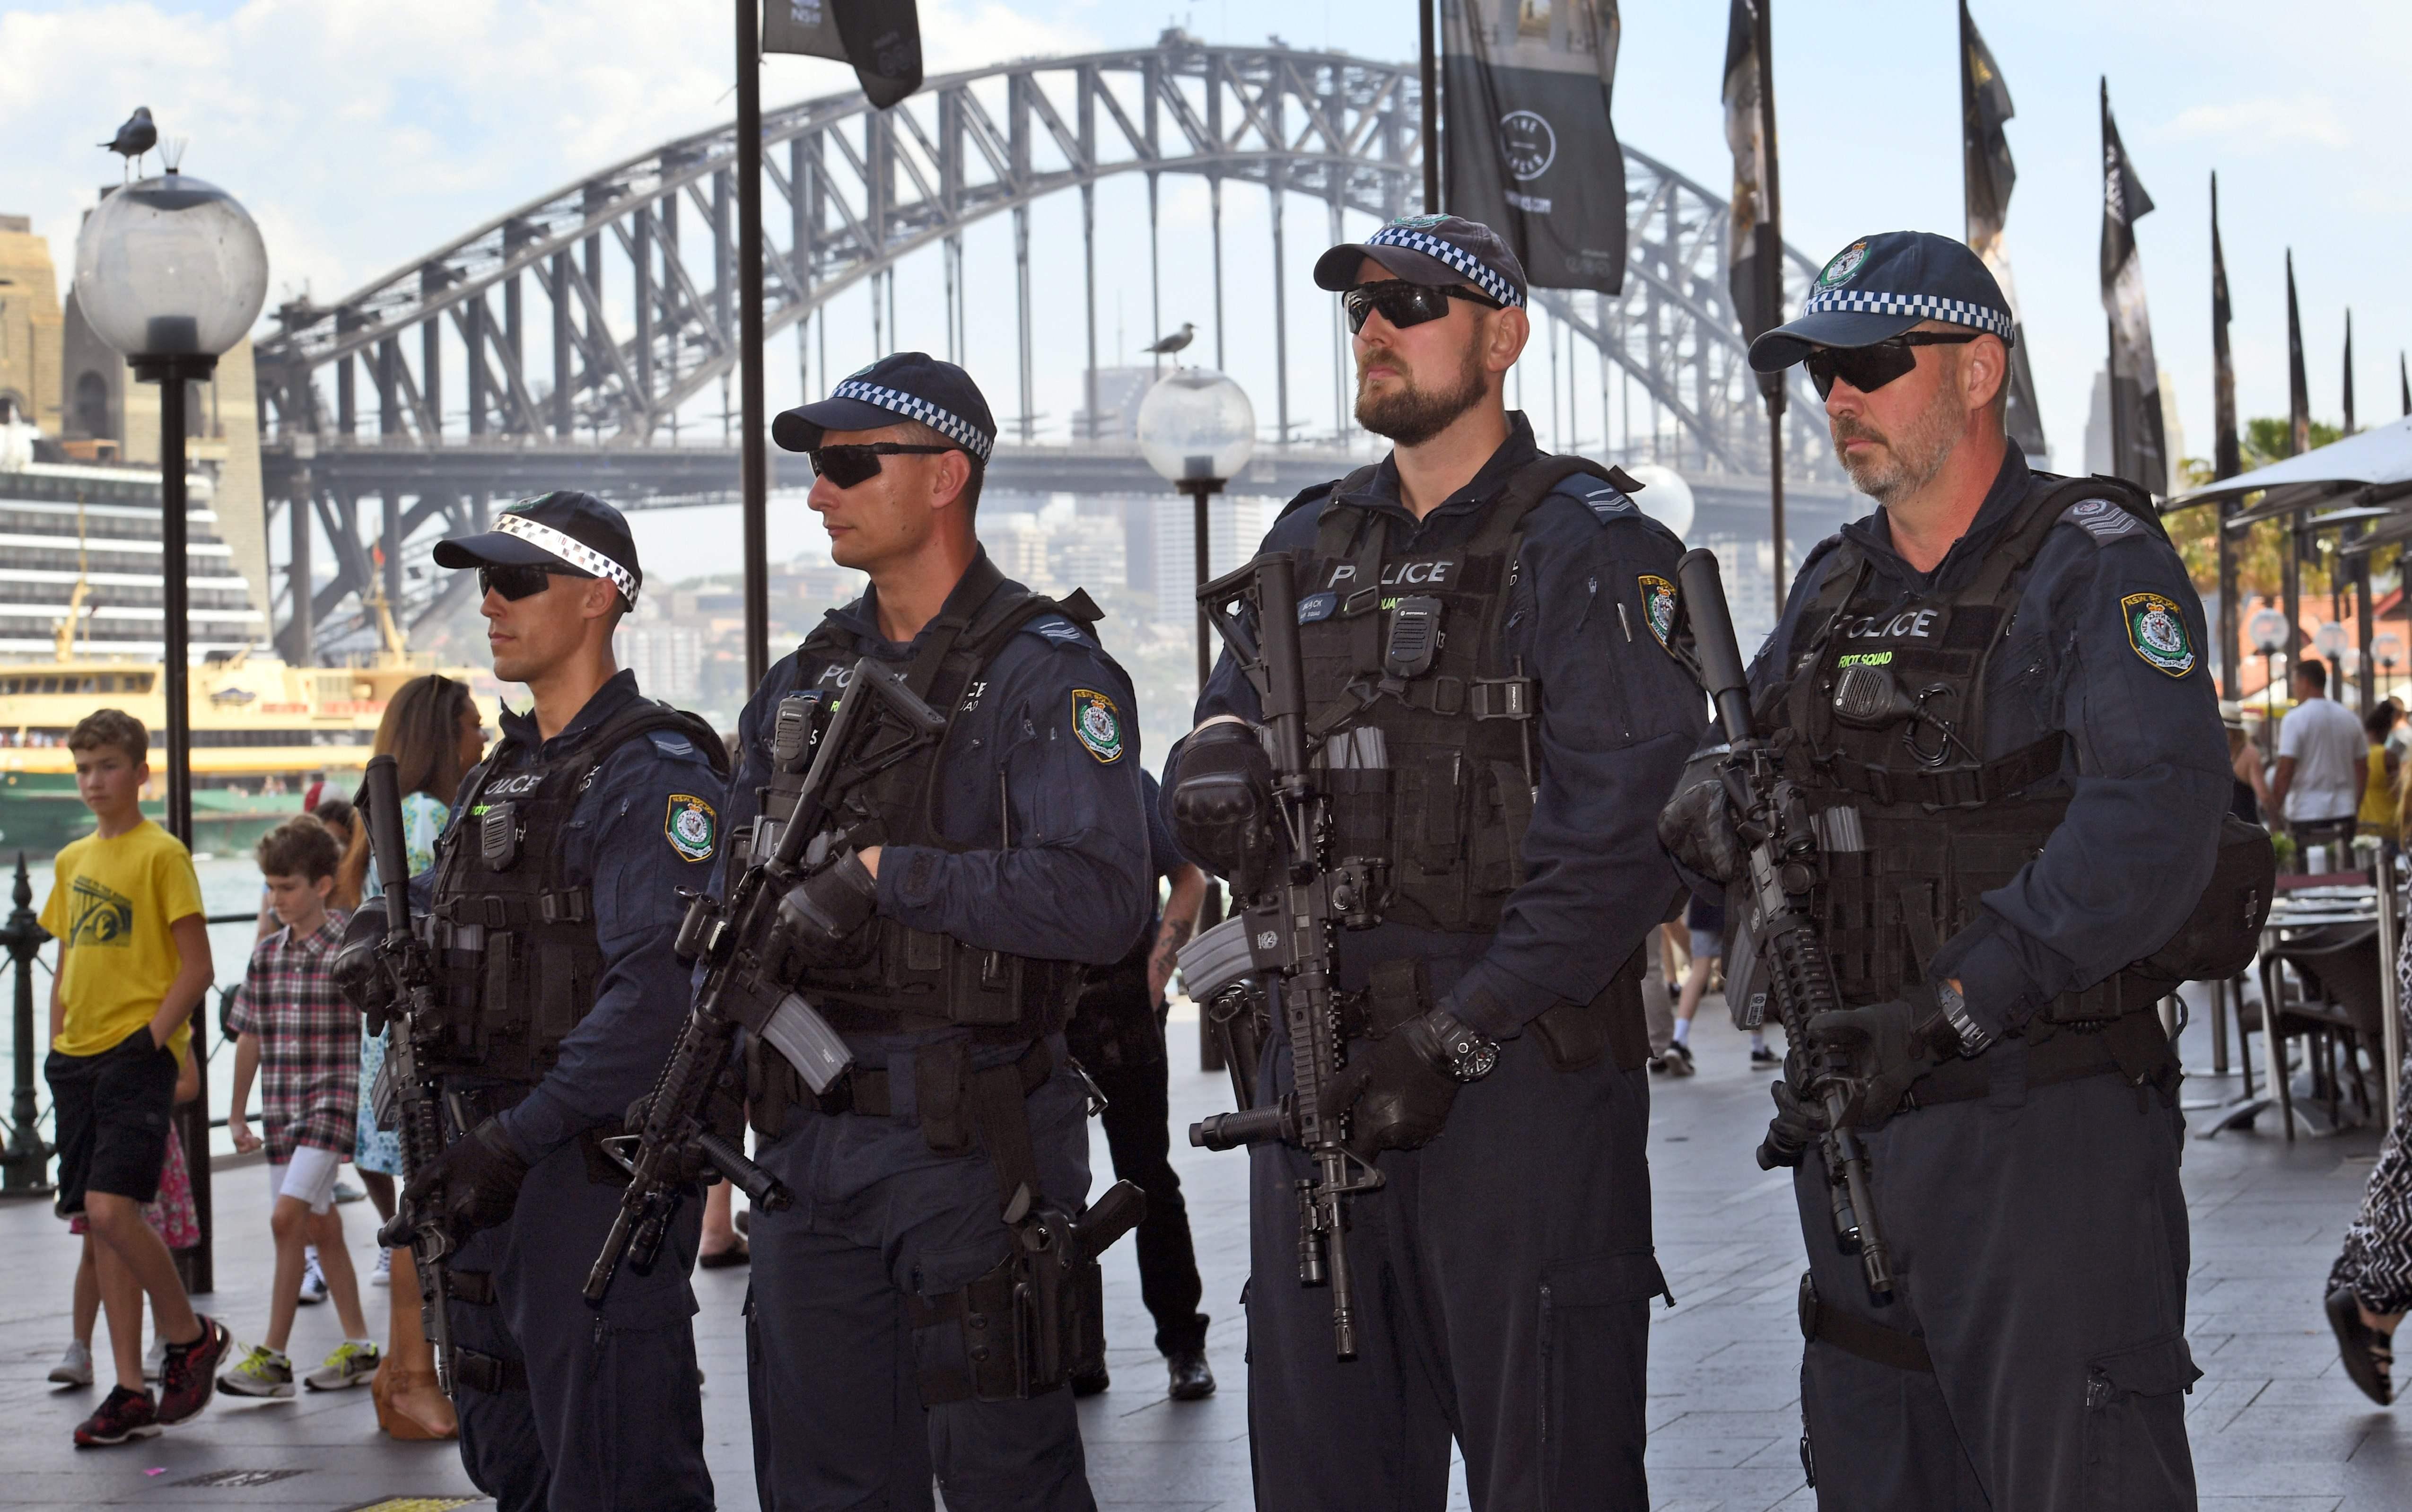 الشرطة في شوارع سيدني